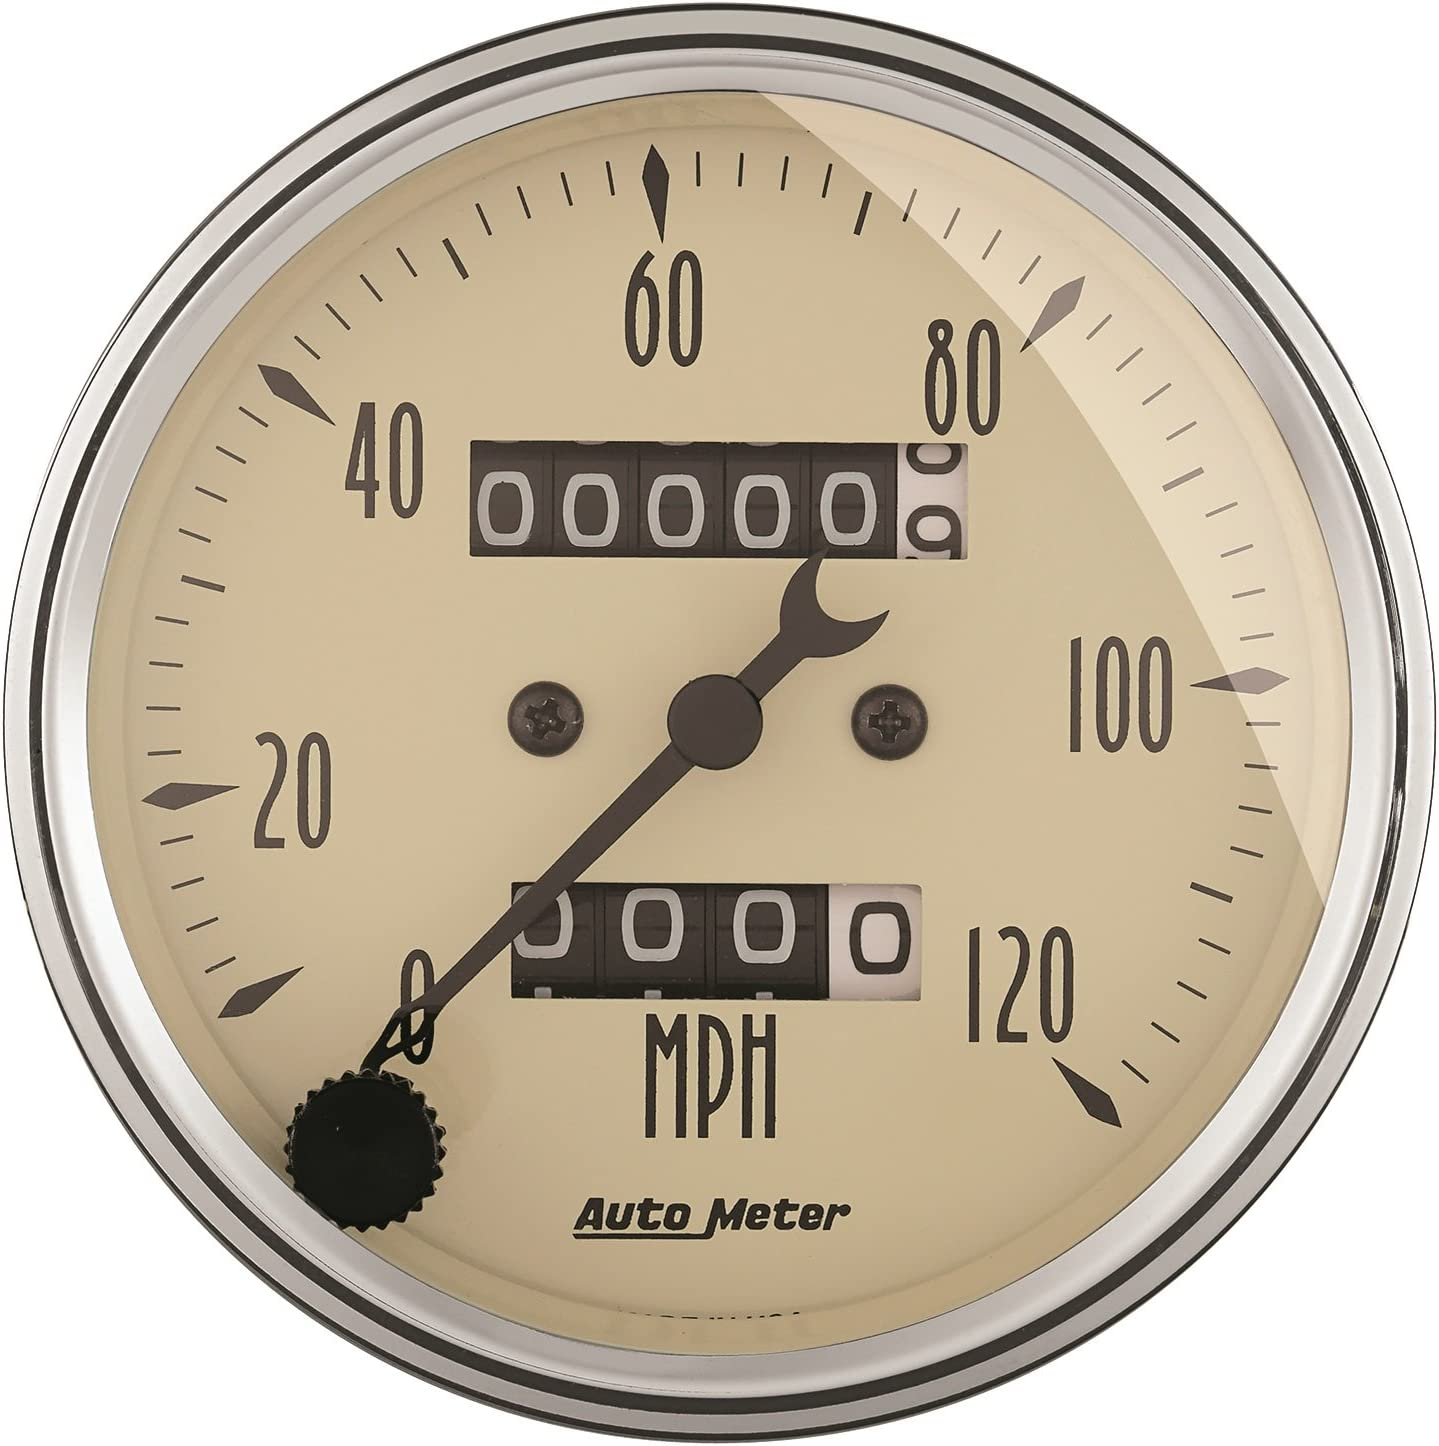 Auto Meter 1885 Antique Beige Clock